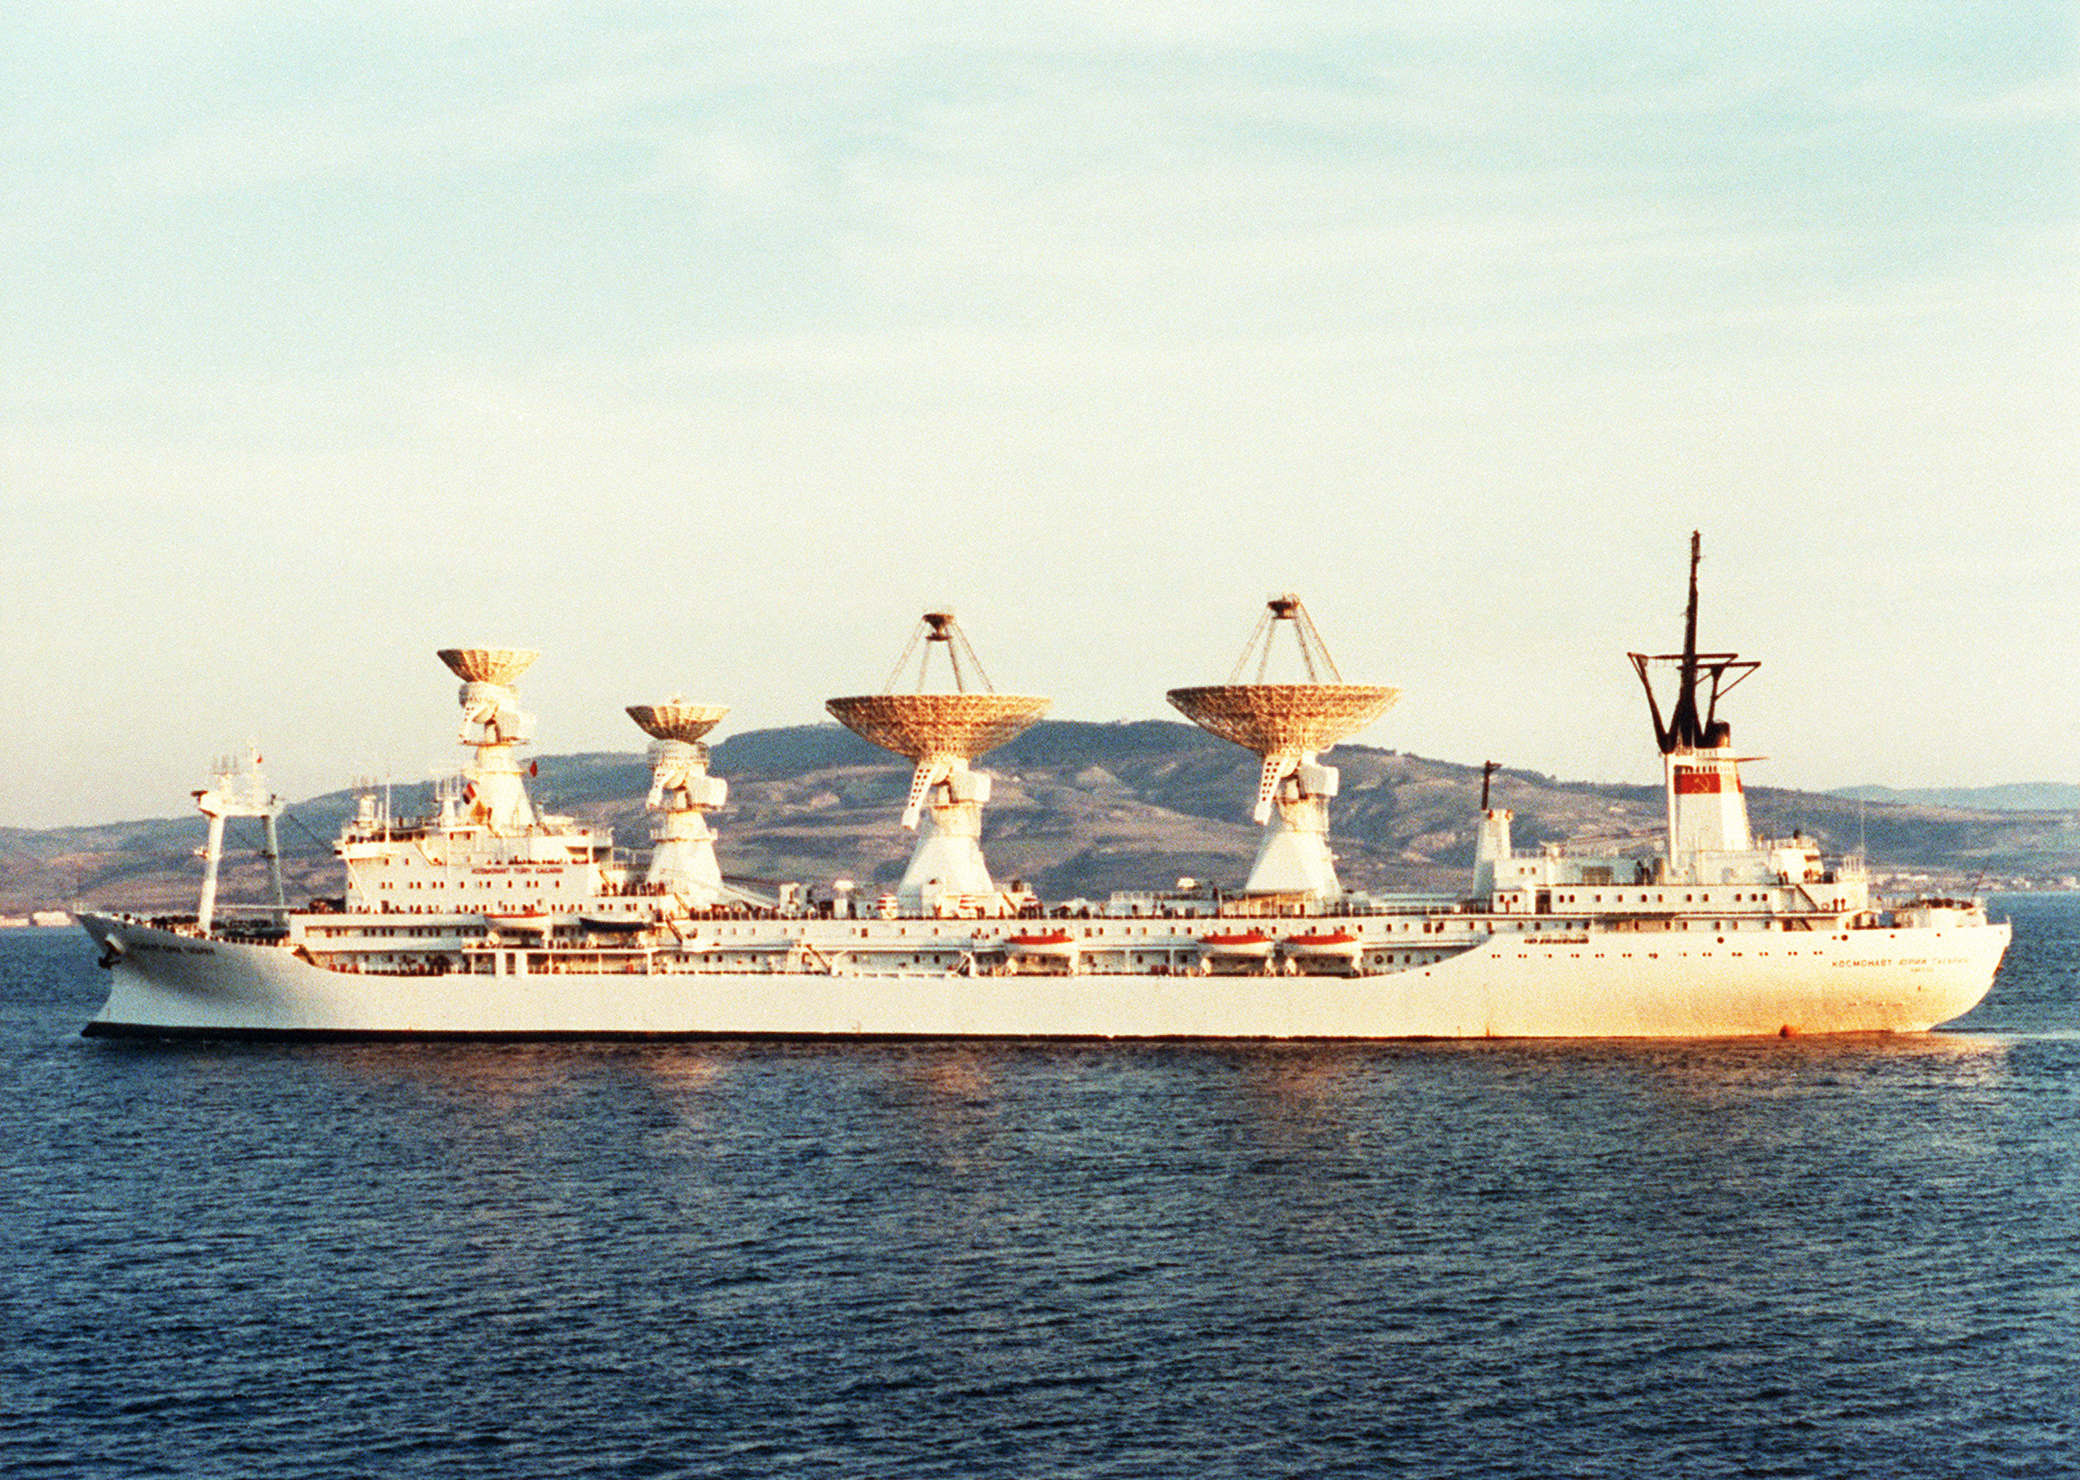 gagarin ship - photo #1